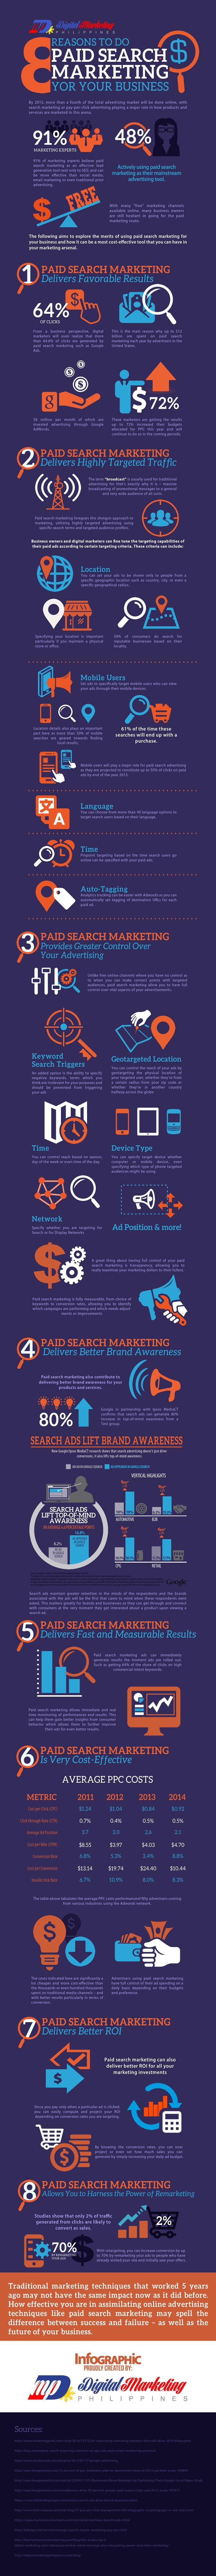 Acht redenen waarom je betaalde zoekmachine-marketing in moet zetten voor je bedrijf.